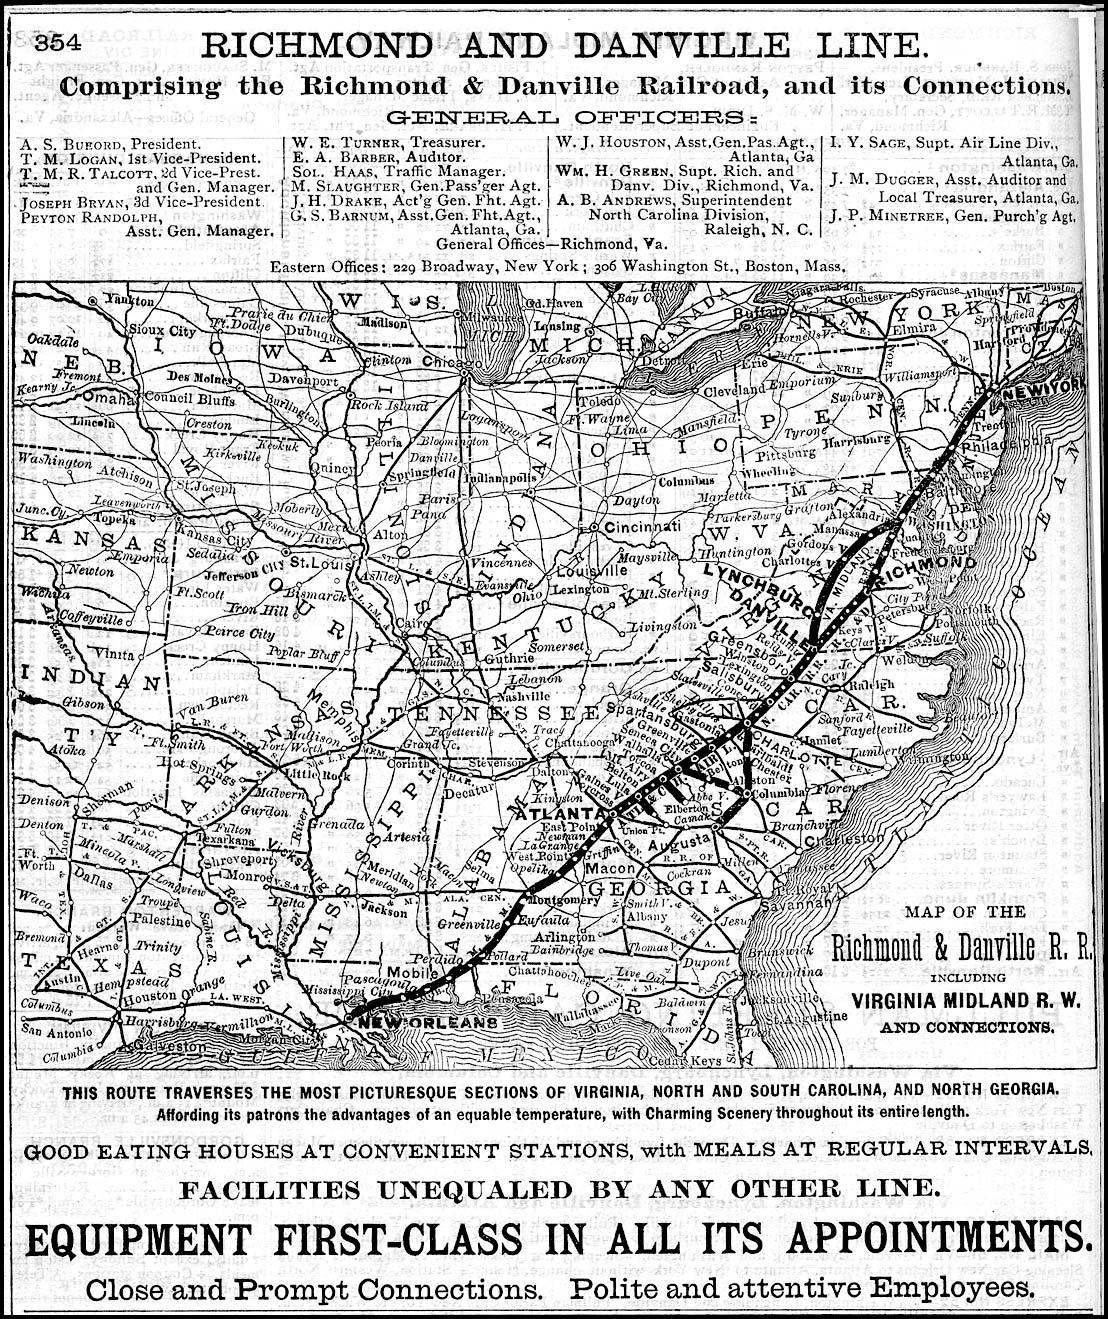 Washington And Old Dominion Railroad Wikipedia - Us railroad map 2016 ohio